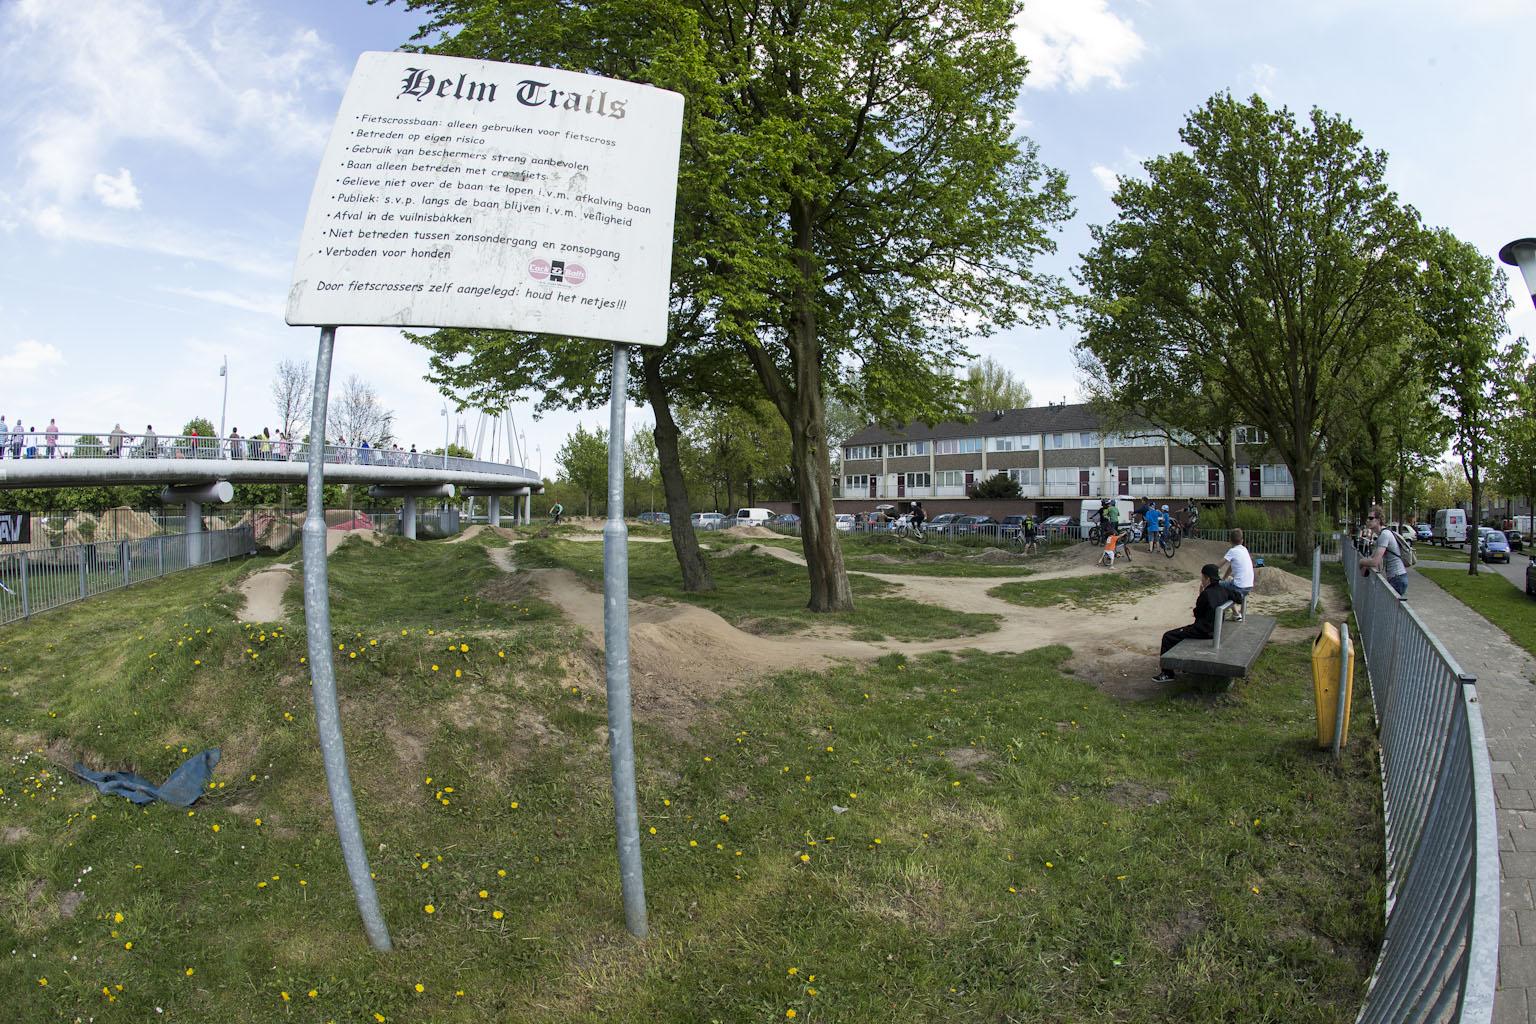 Kiddietrack - Dutch Open Helmtrails